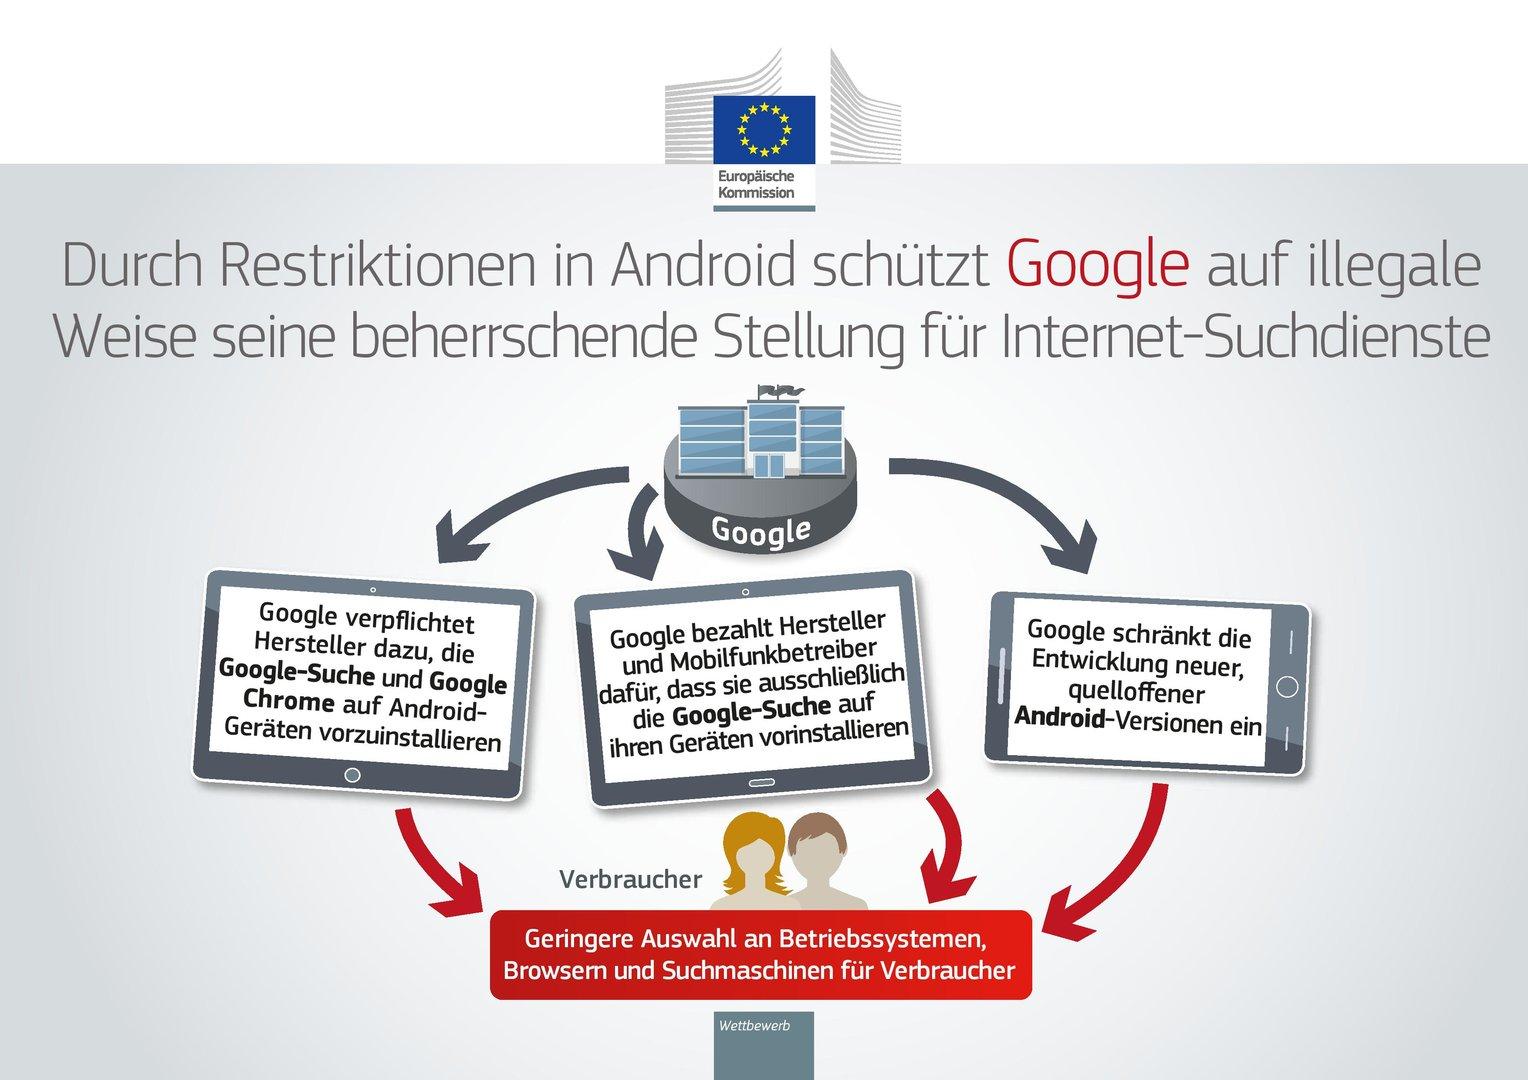 Restriktionen in Android